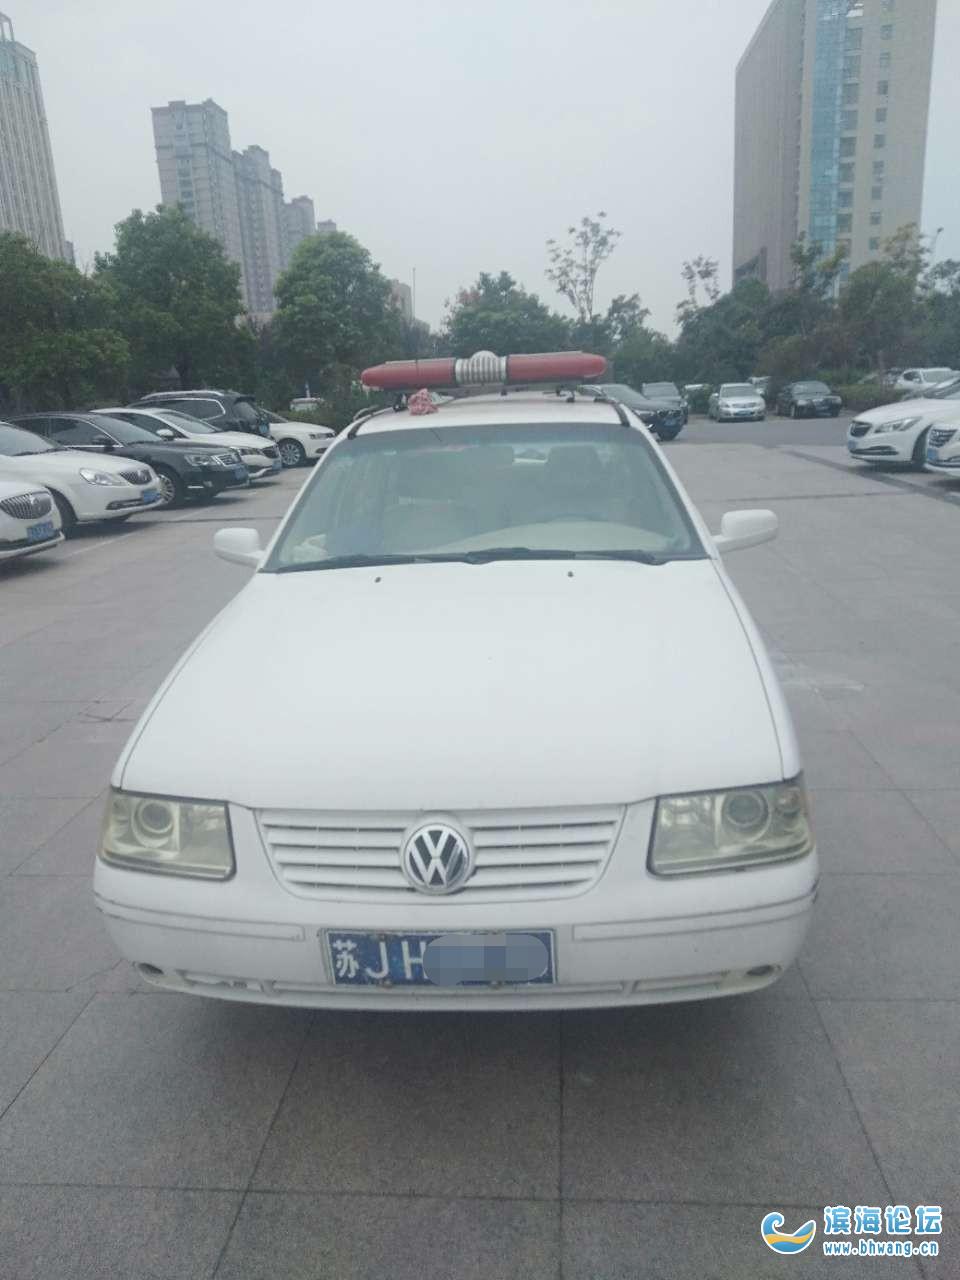 這車有幾個違法行為,歡迎留言評論